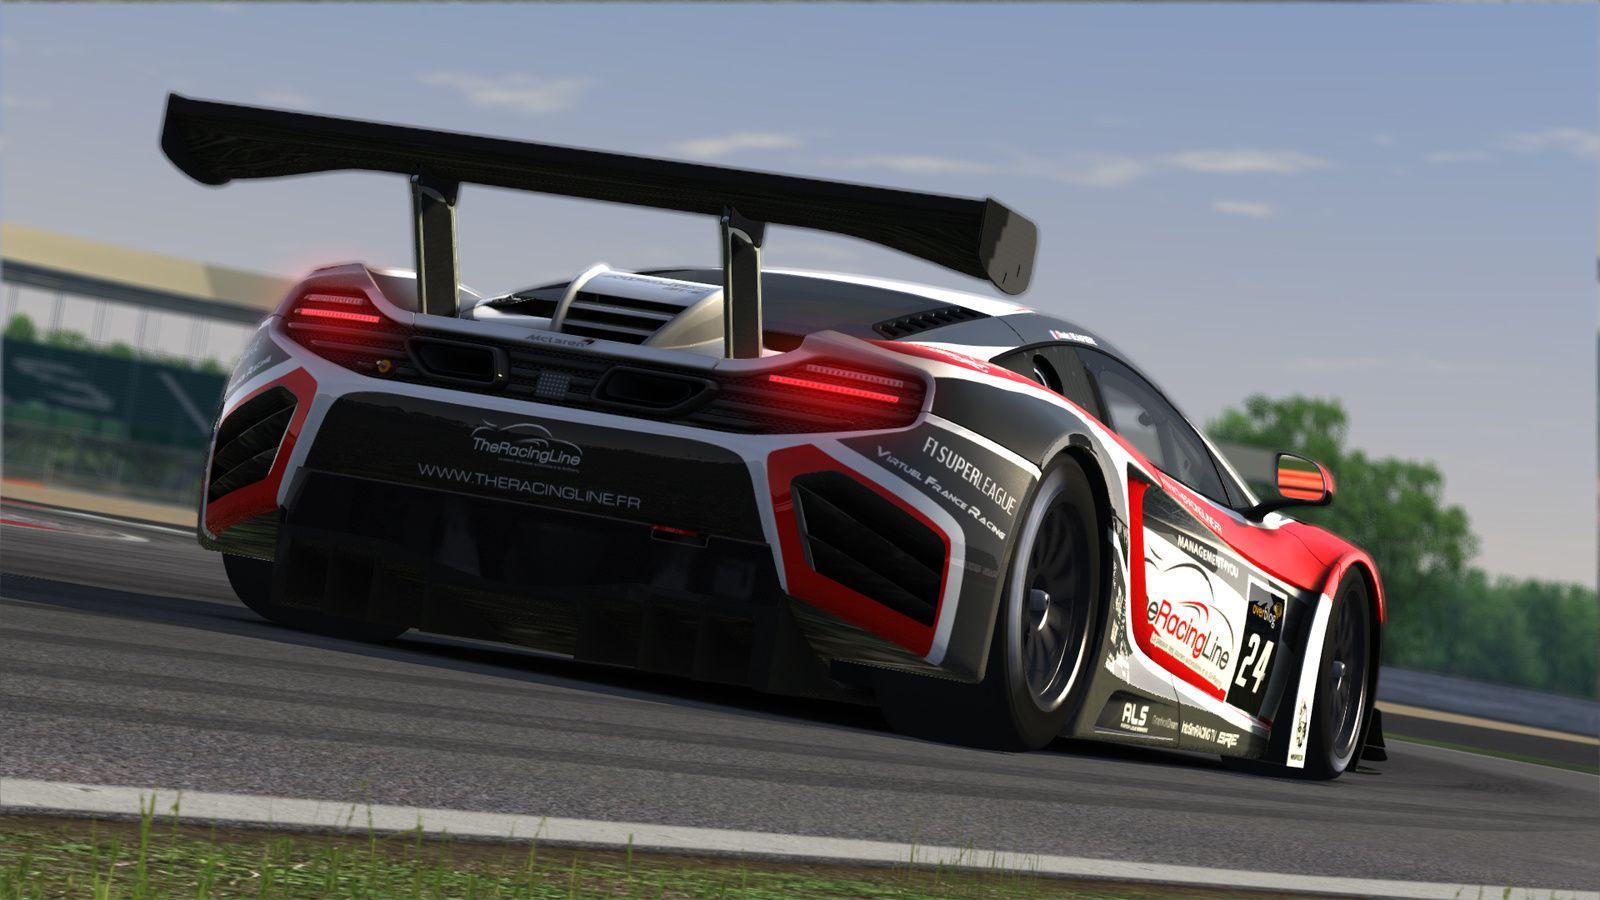 Assetto Corsa : une livrée The Racing Line !